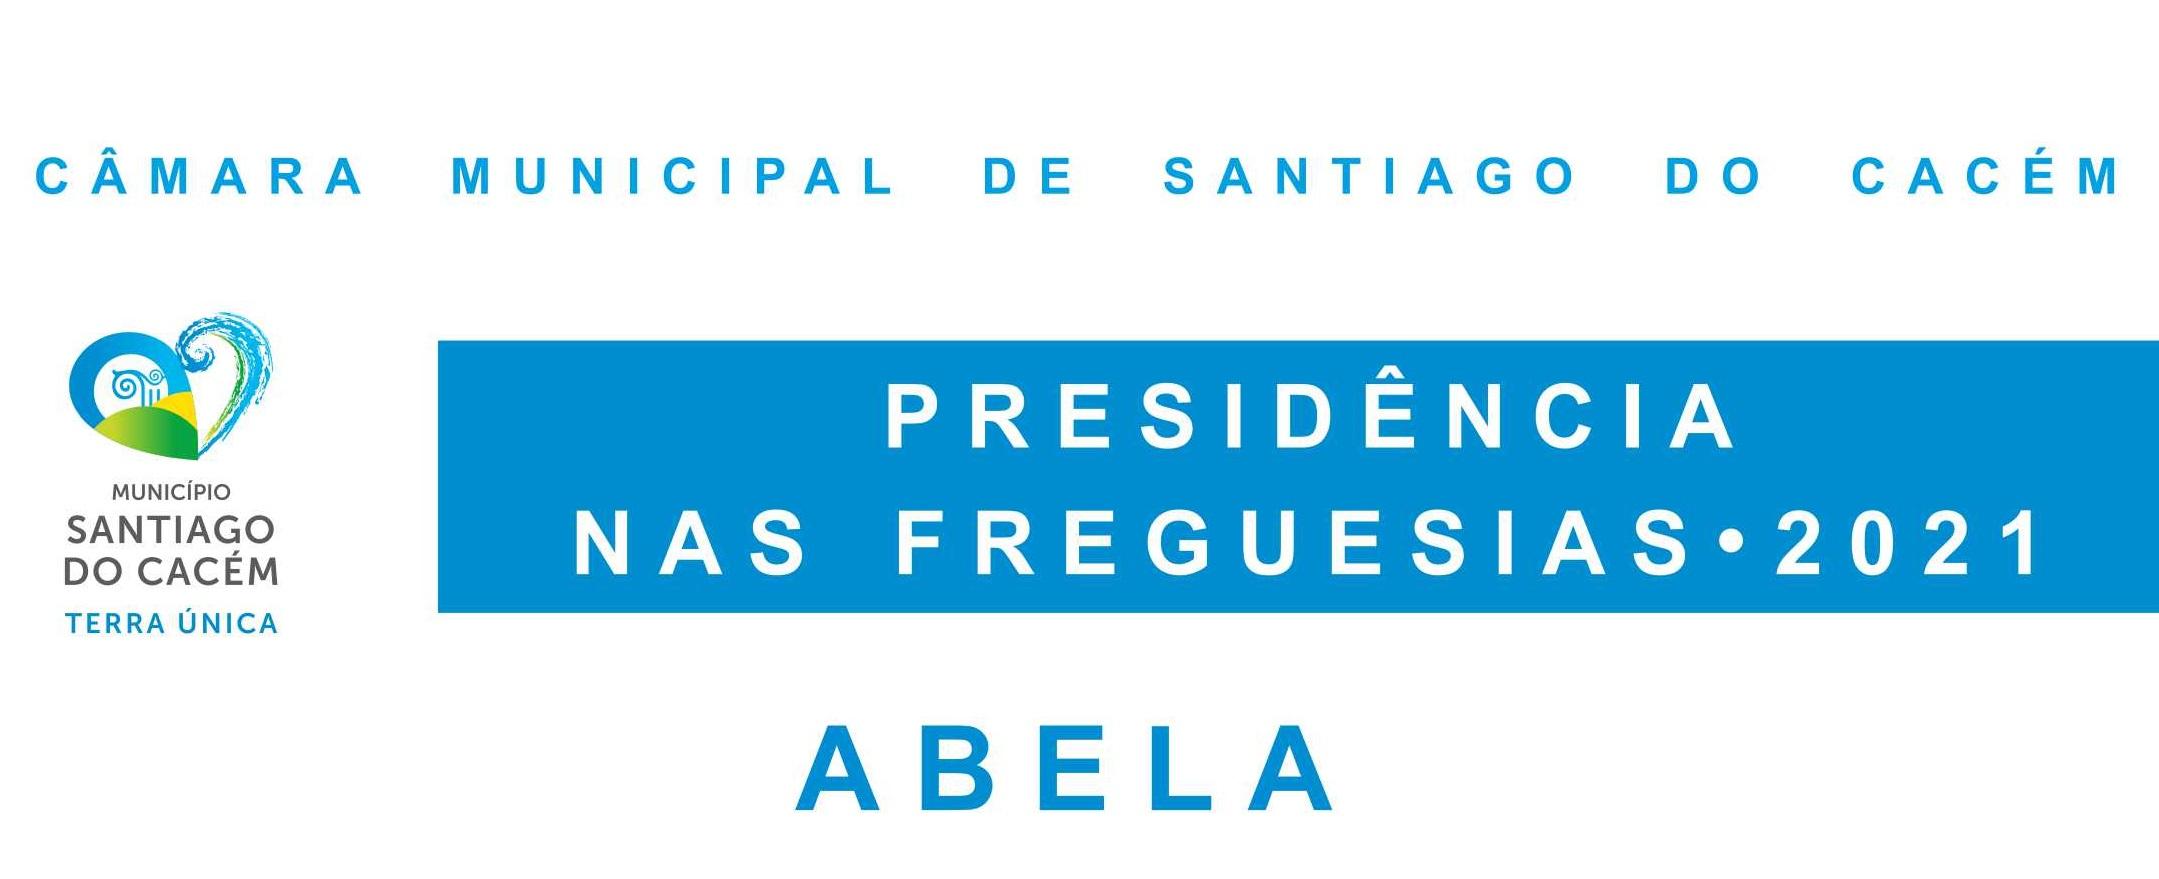 presidência nas freguesias abela